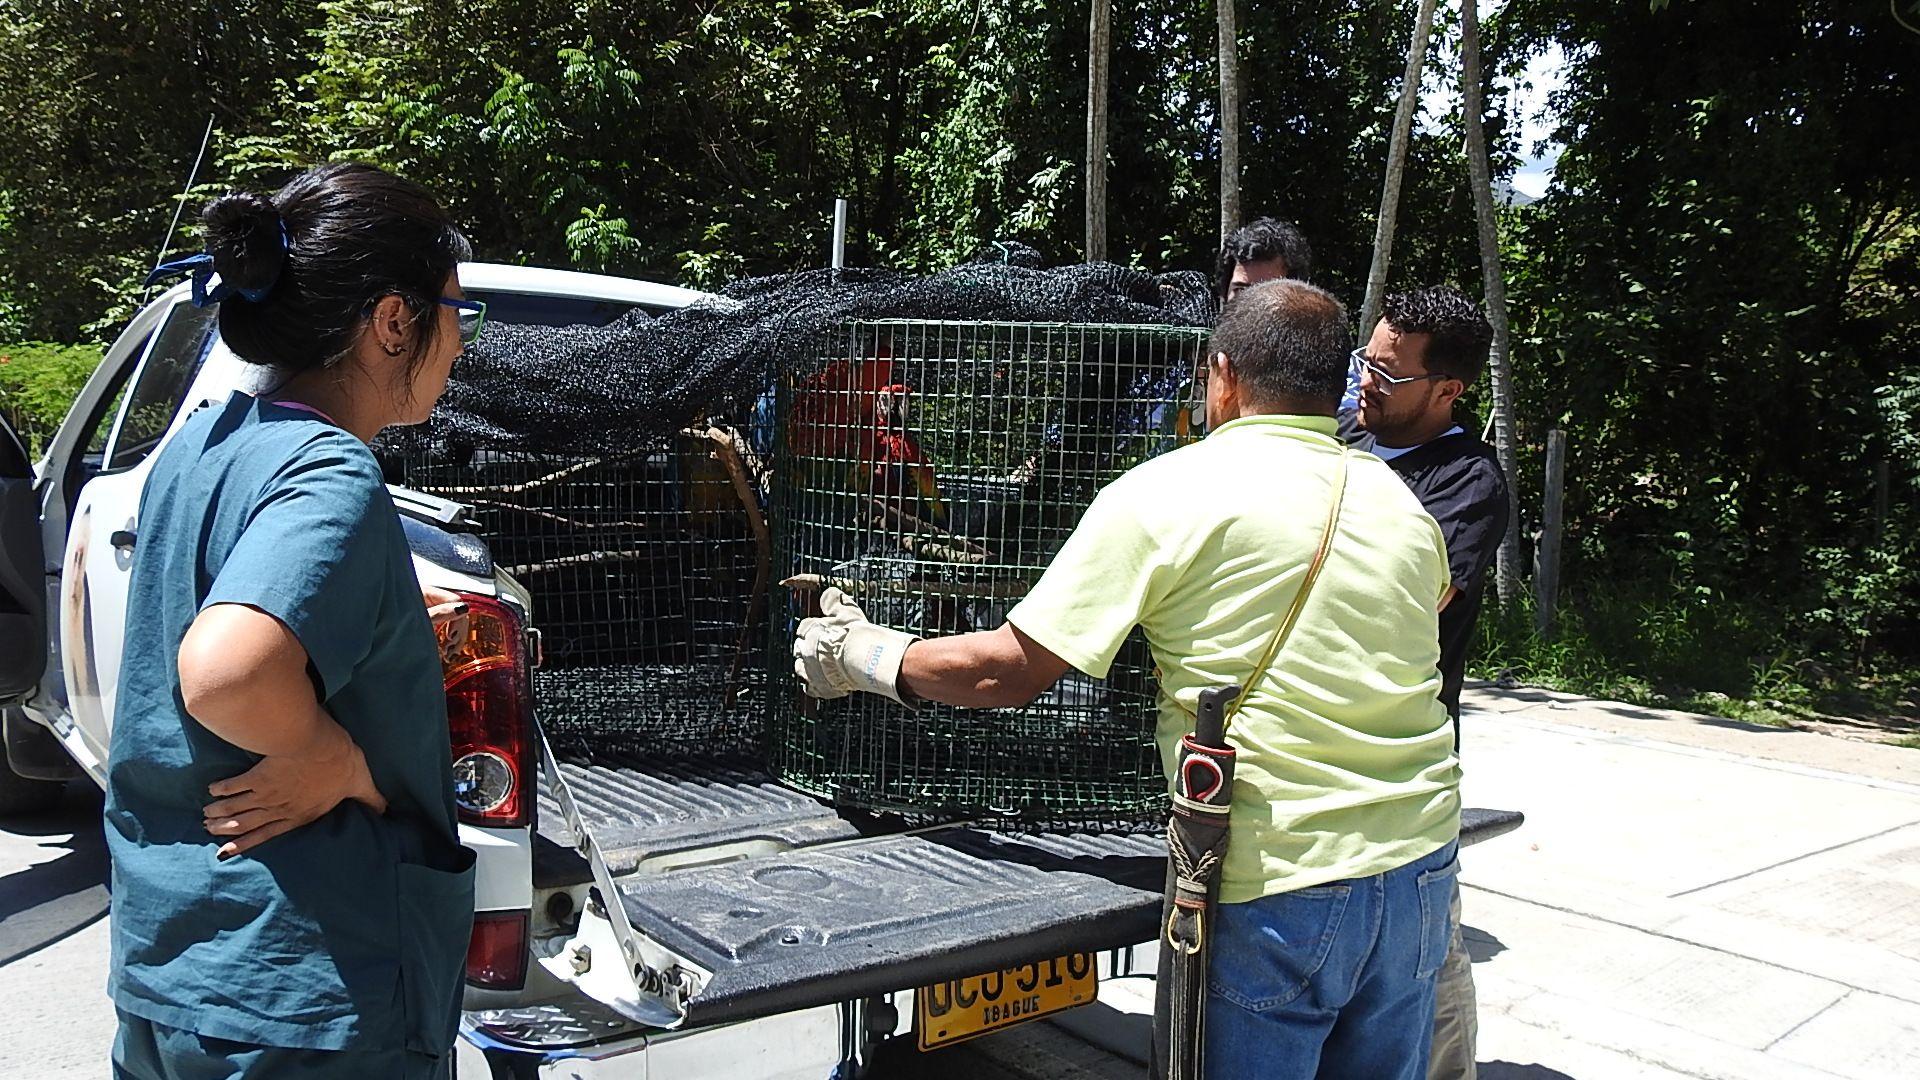 Cortolima reubicó a 16 animales de fauna silvestre en el zoológico de Cafam, en Melgar